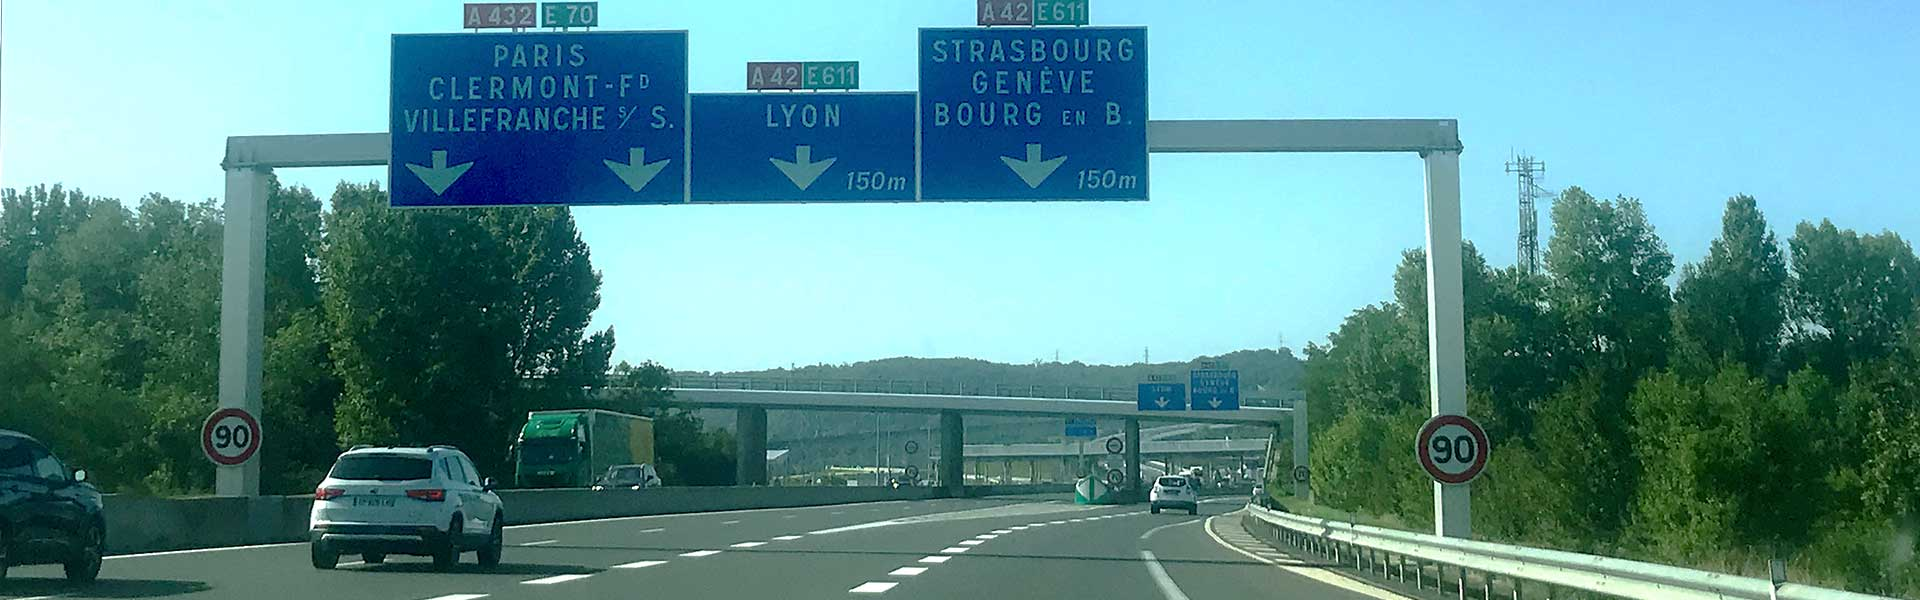 Maut in Frankreich, Routenplaner